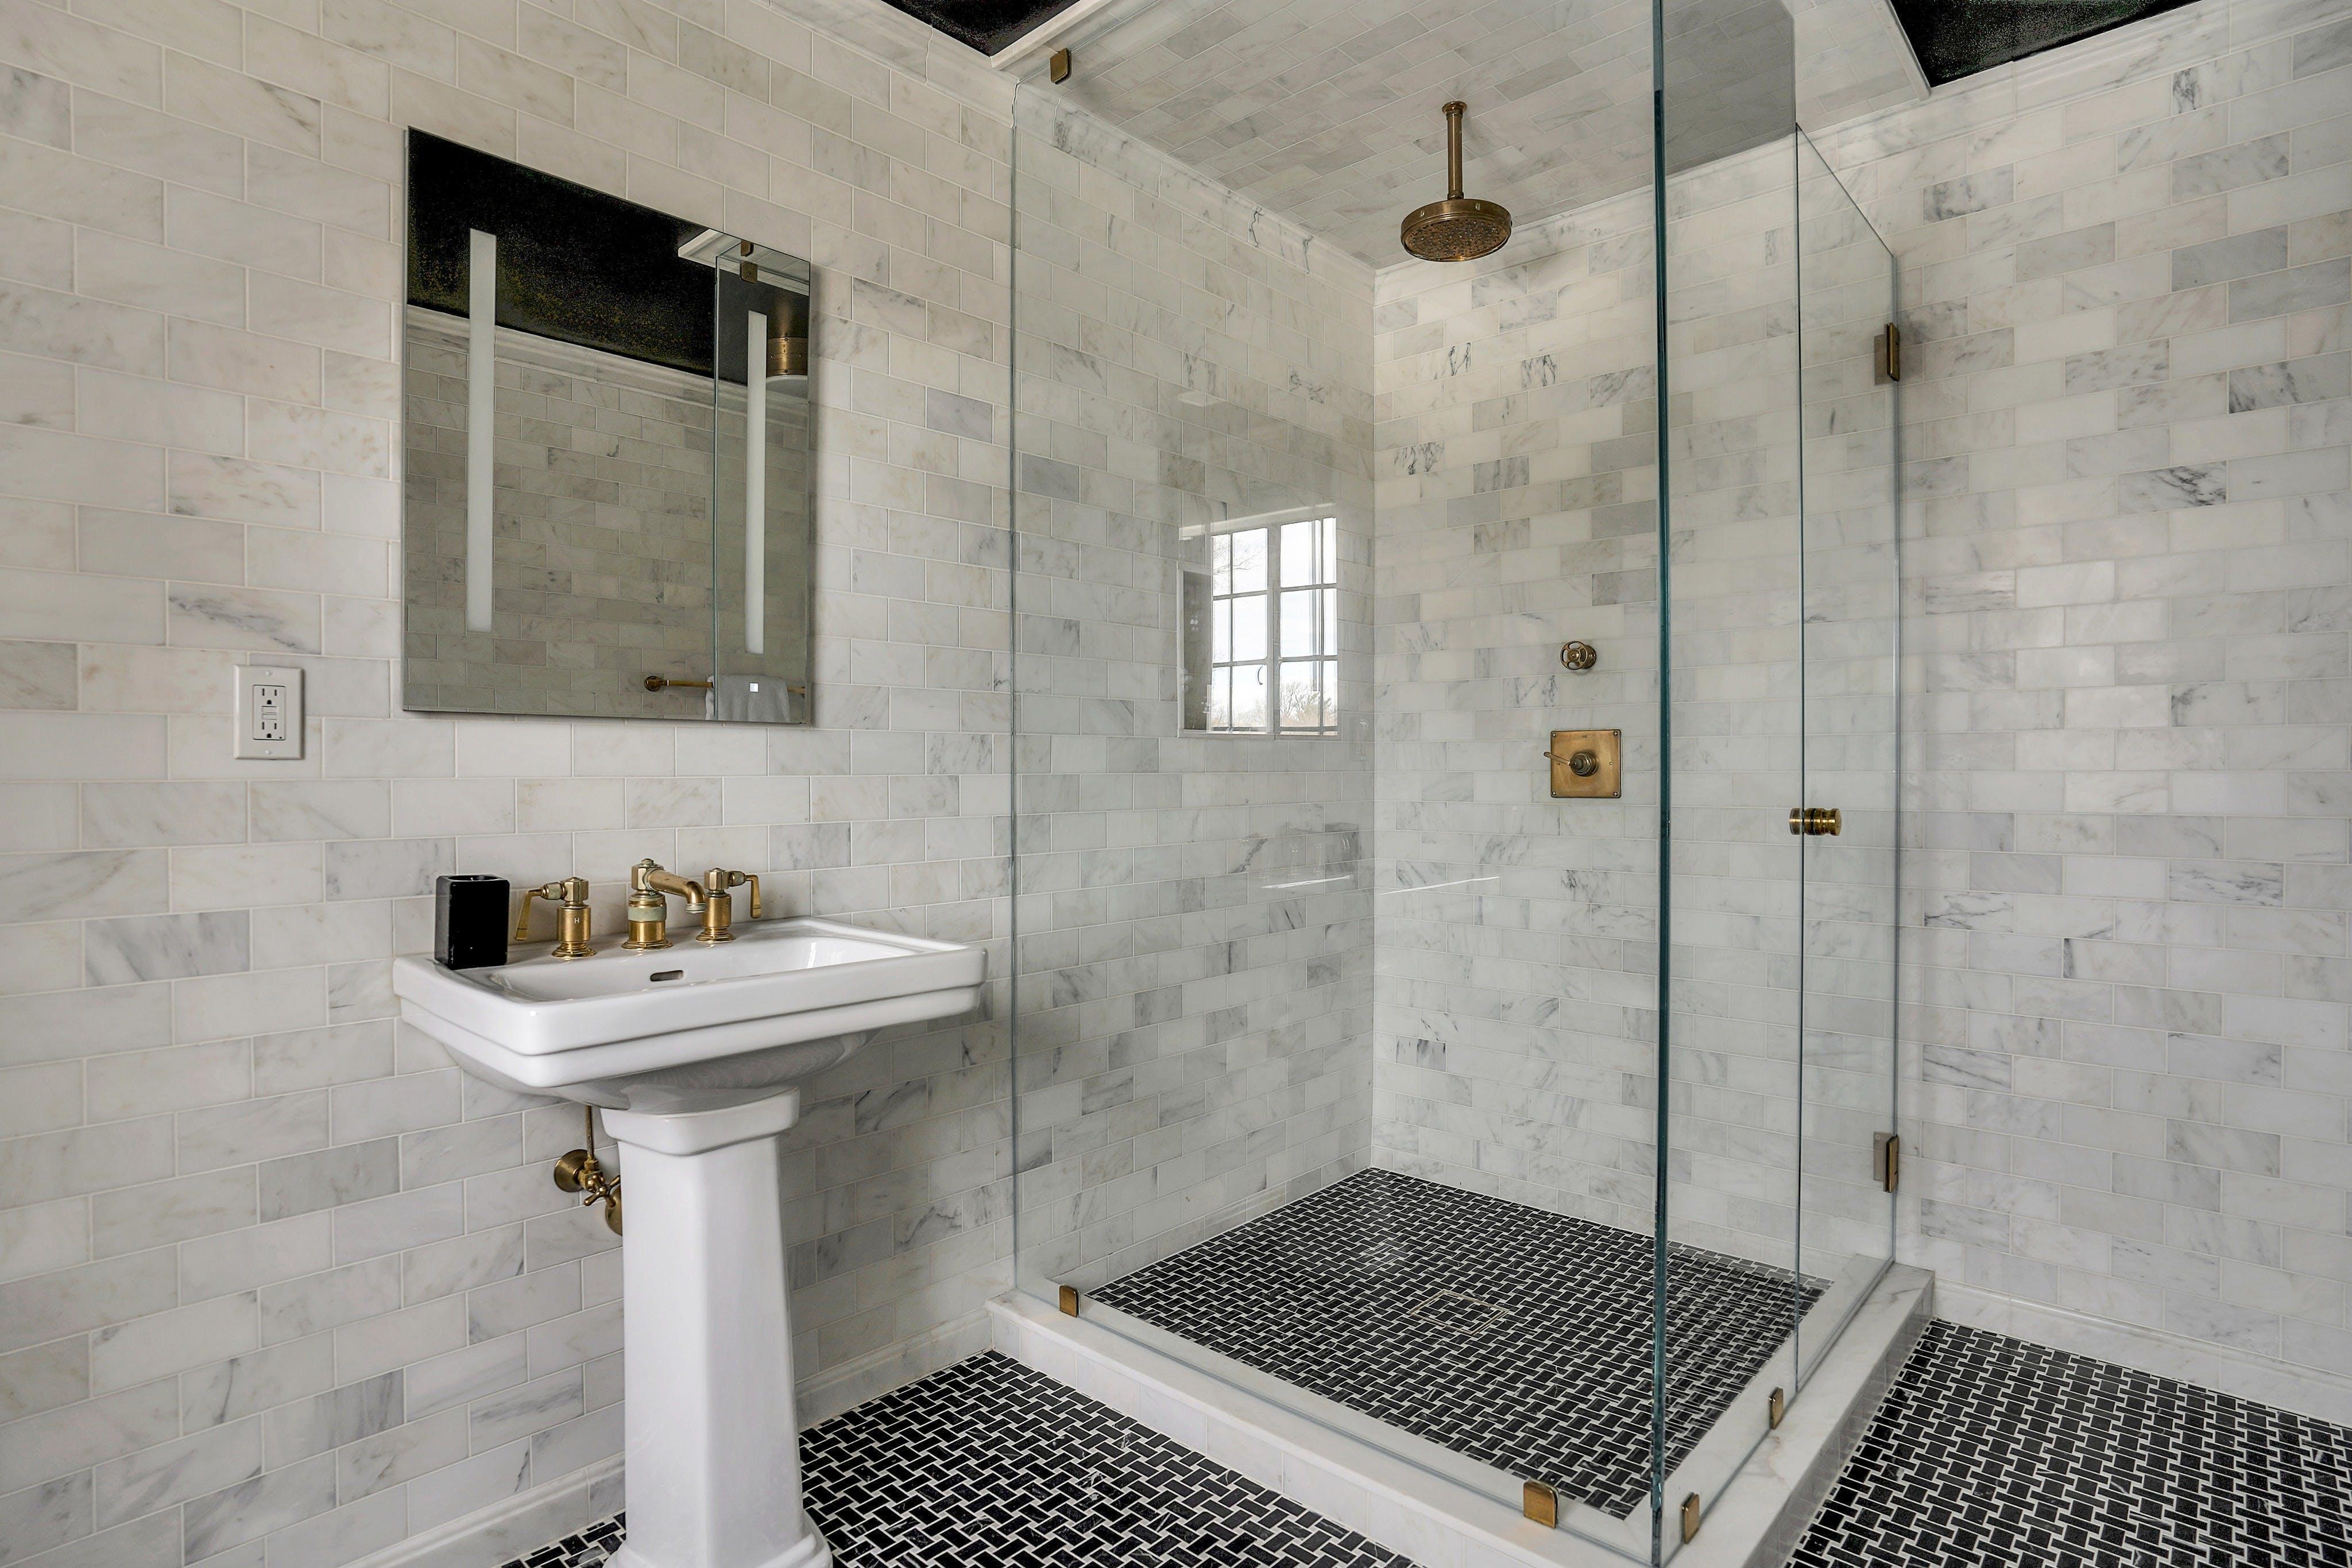 69 Edgewood Road - Third Floor Bath